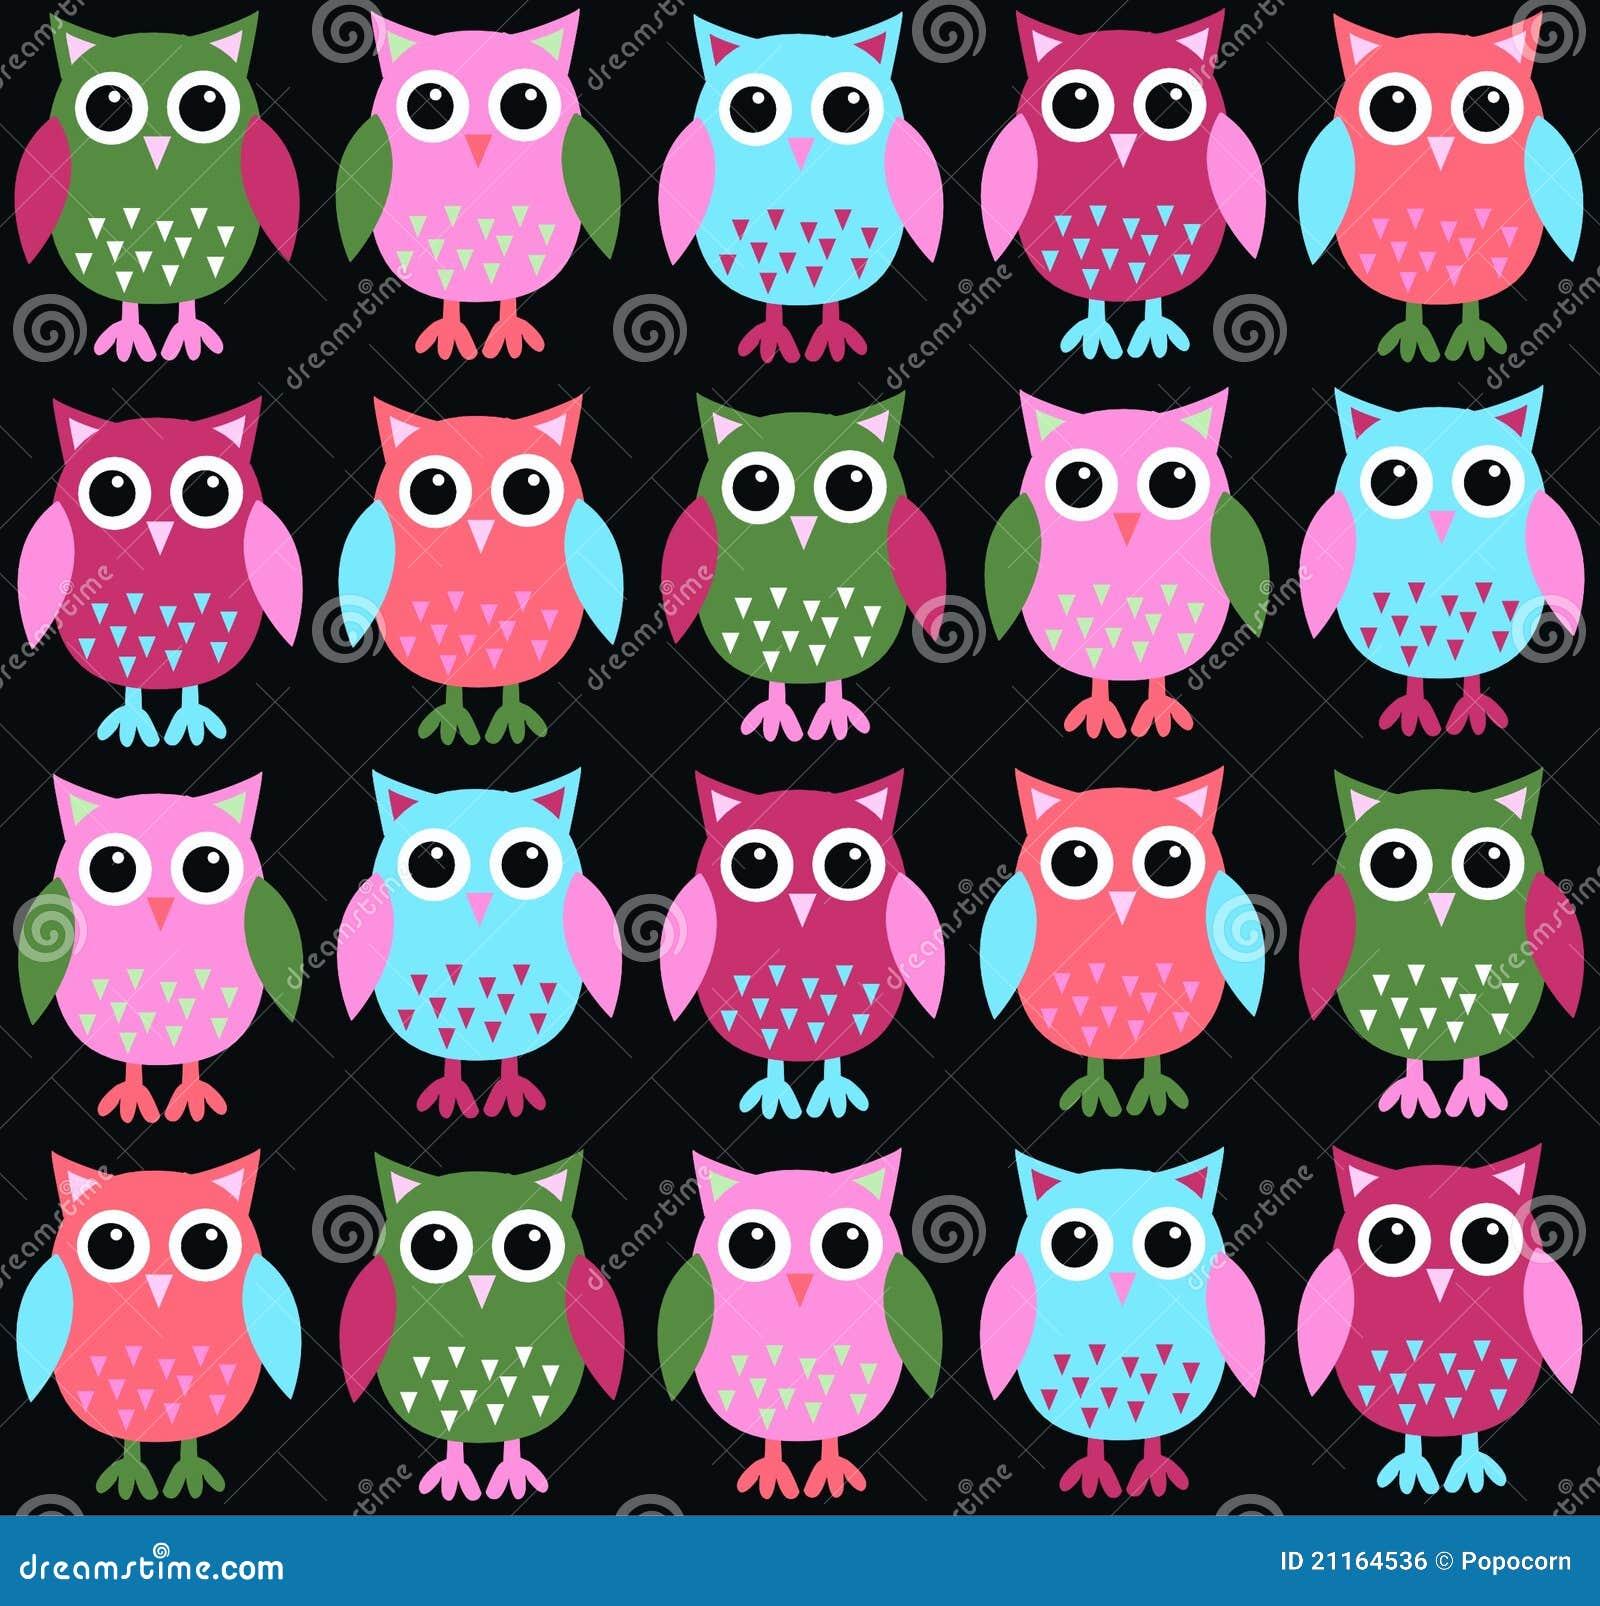 Owl Background Royalty Free Stock Image - Image: 21164536